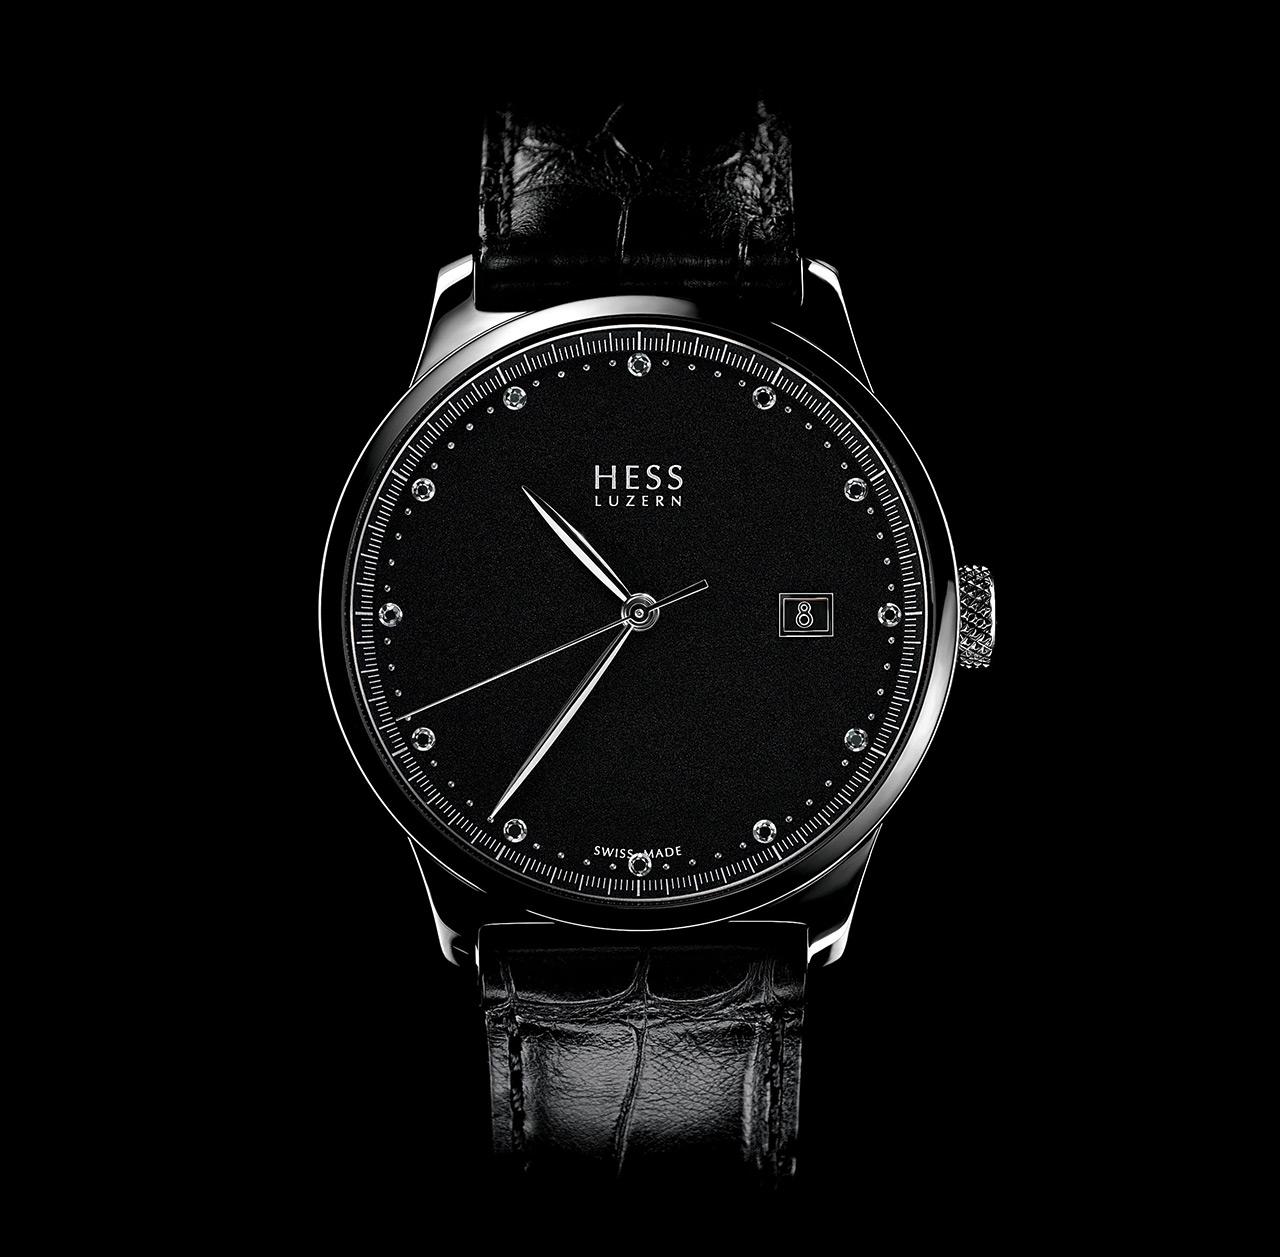 hess-uhr-automatik-two-2-schwarz-rhodium-silberfarben-schwarze-diamanten